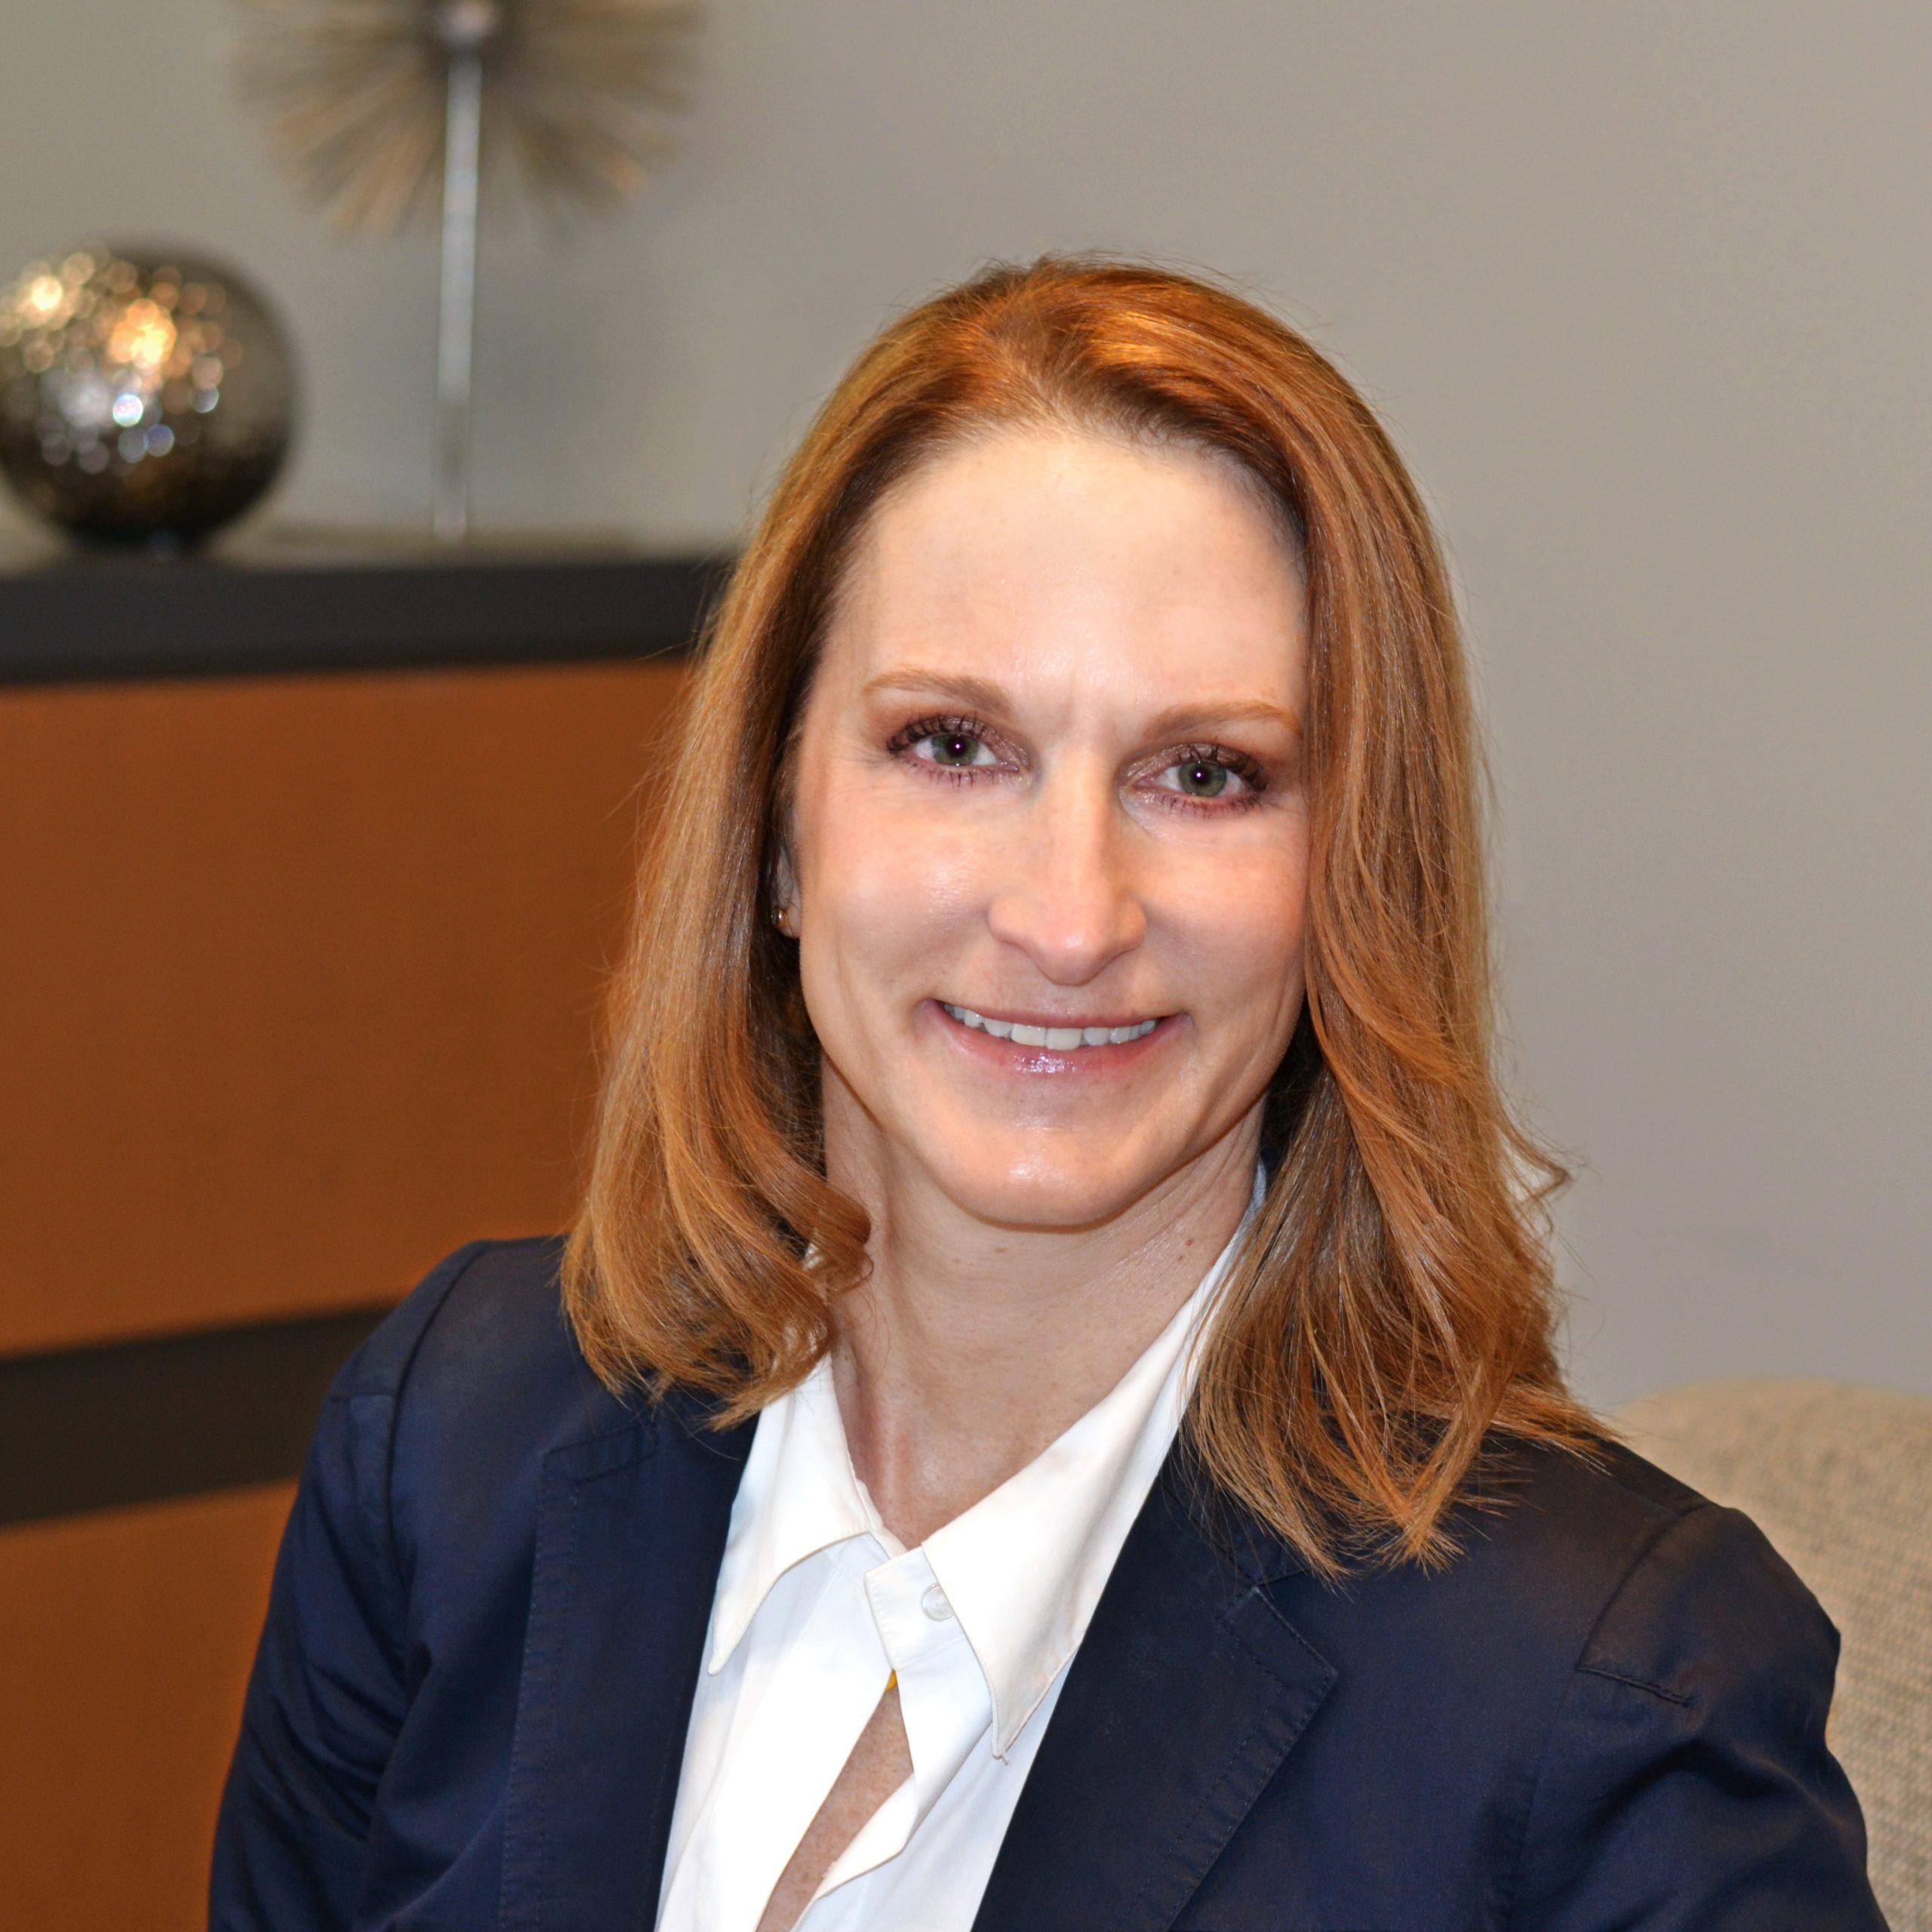 photo of Hypesmith President Christine Craig